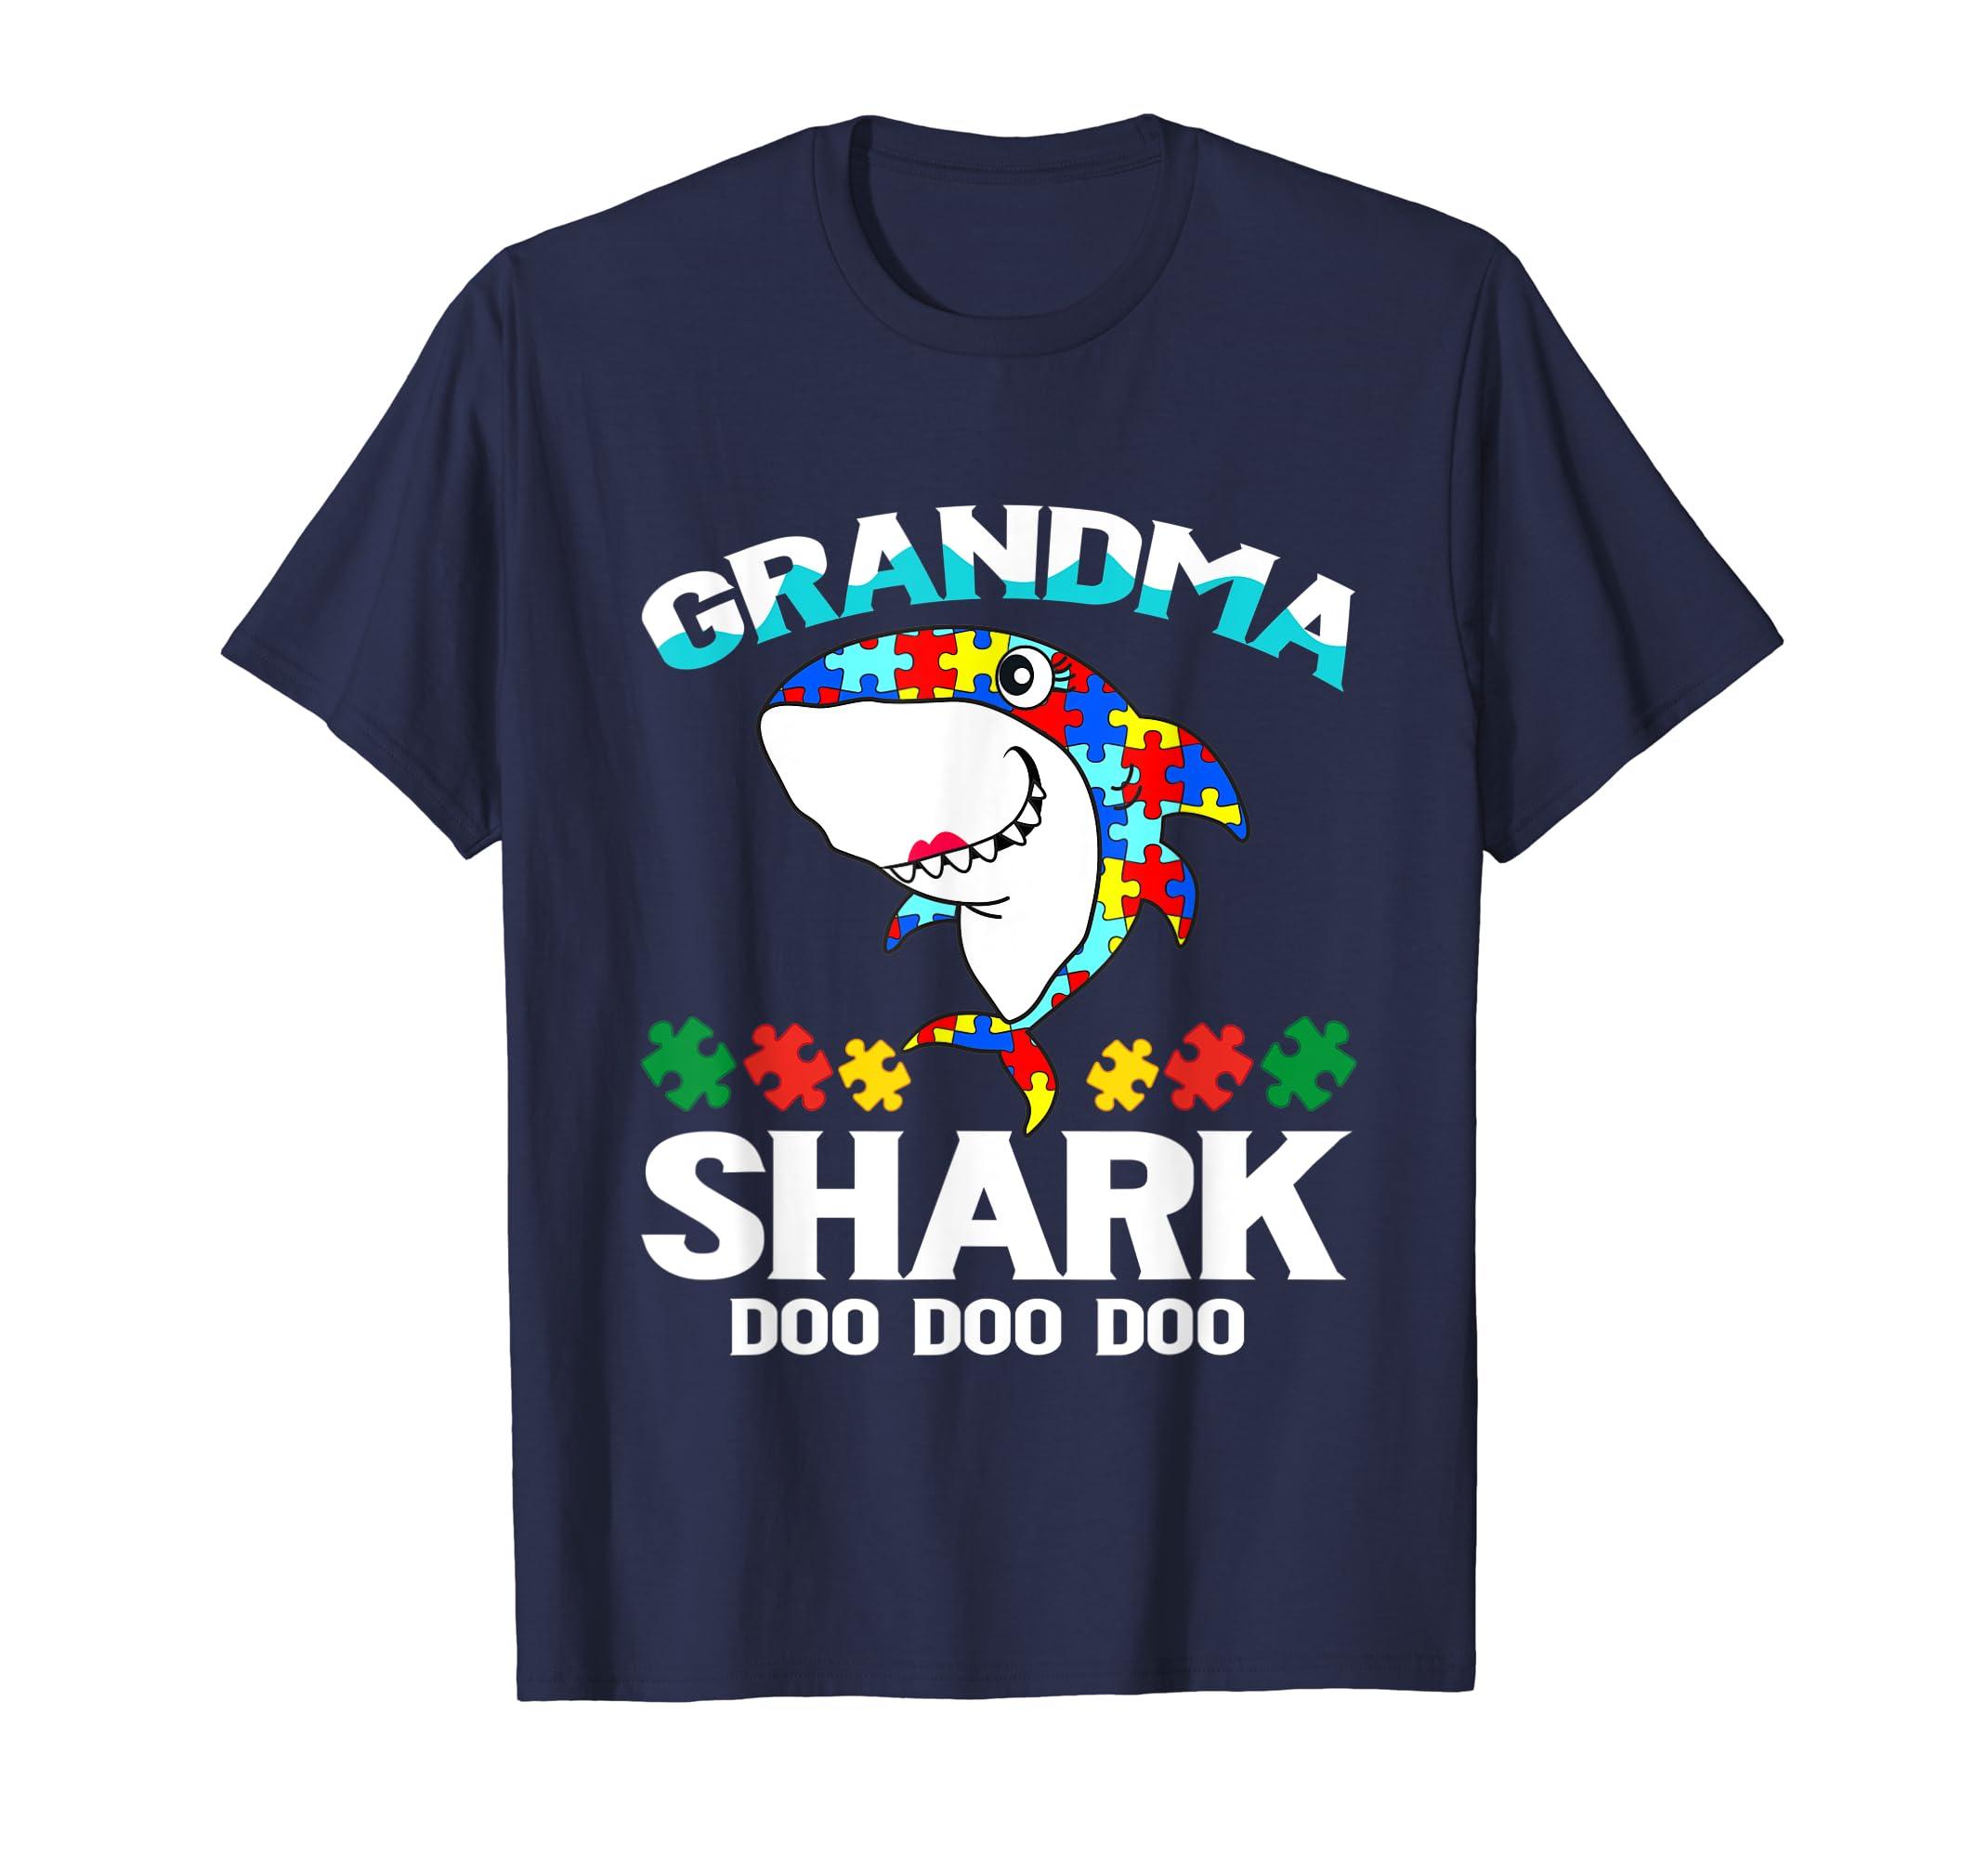 Grandma Shark Autism Awareness Shirt Gift Mens Womens Kids-Yolotee